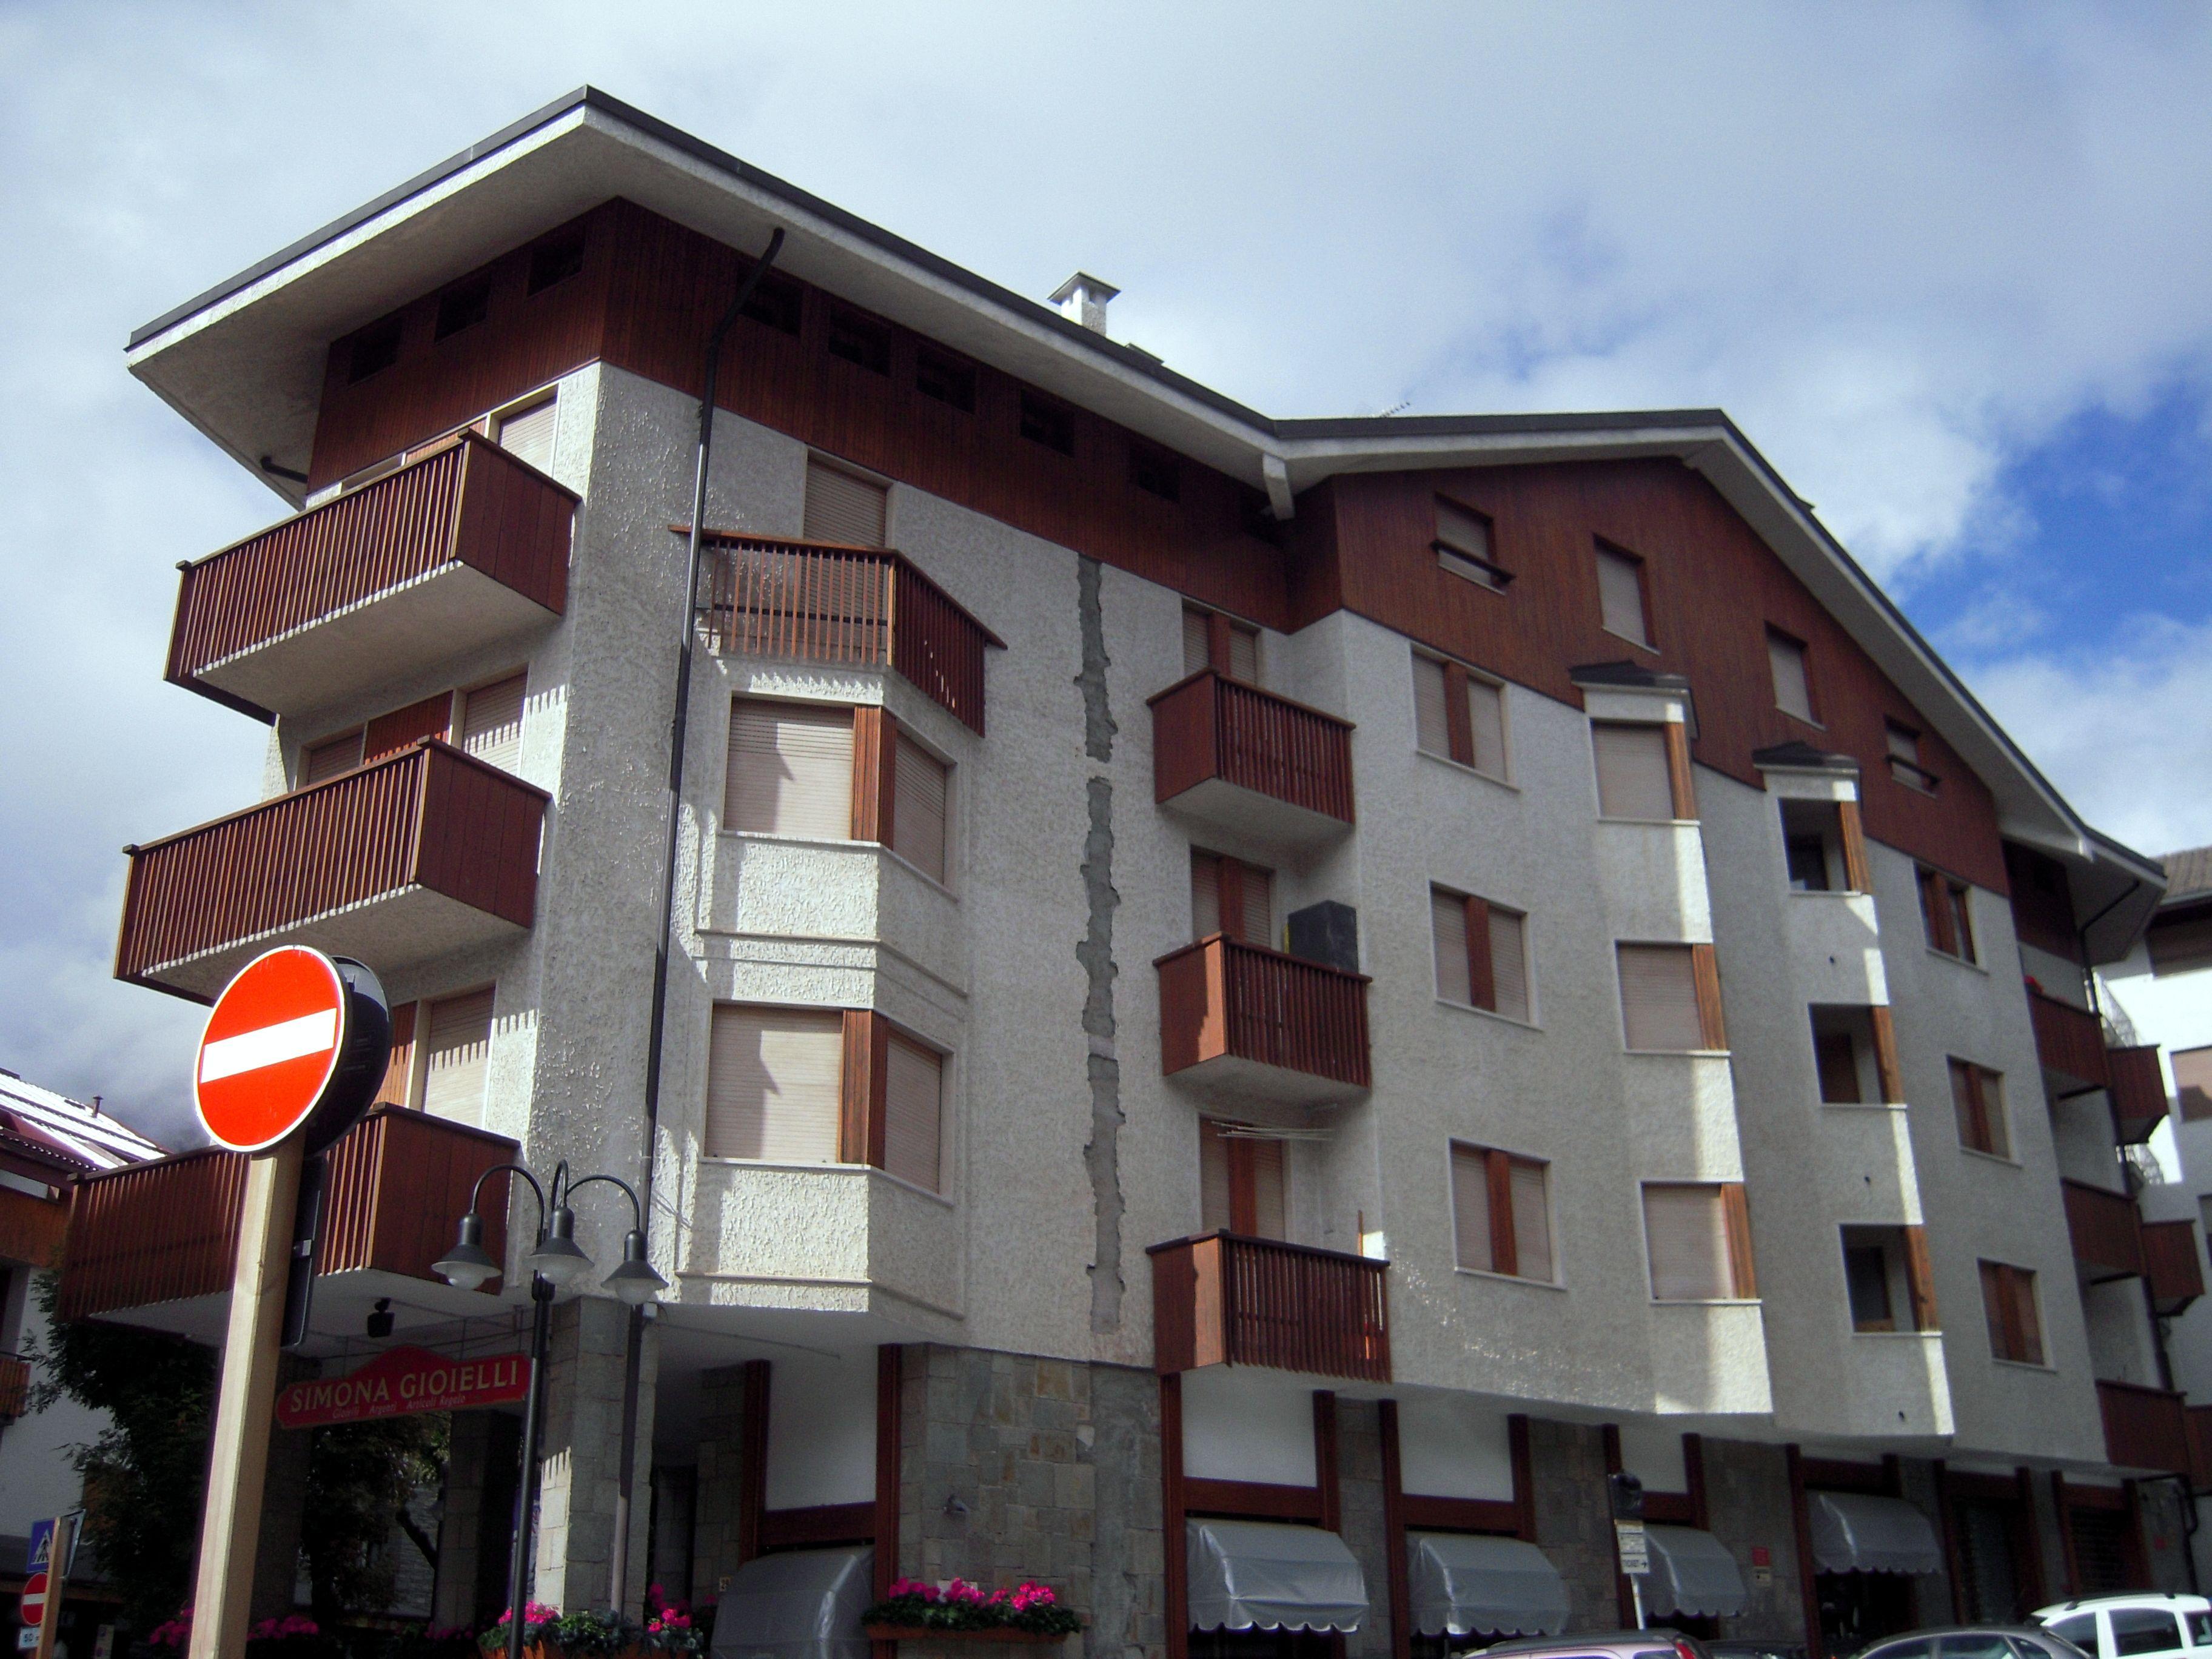 # Bardonecchia Via #Medail #secondo #piano #bilocale #ristrutturato